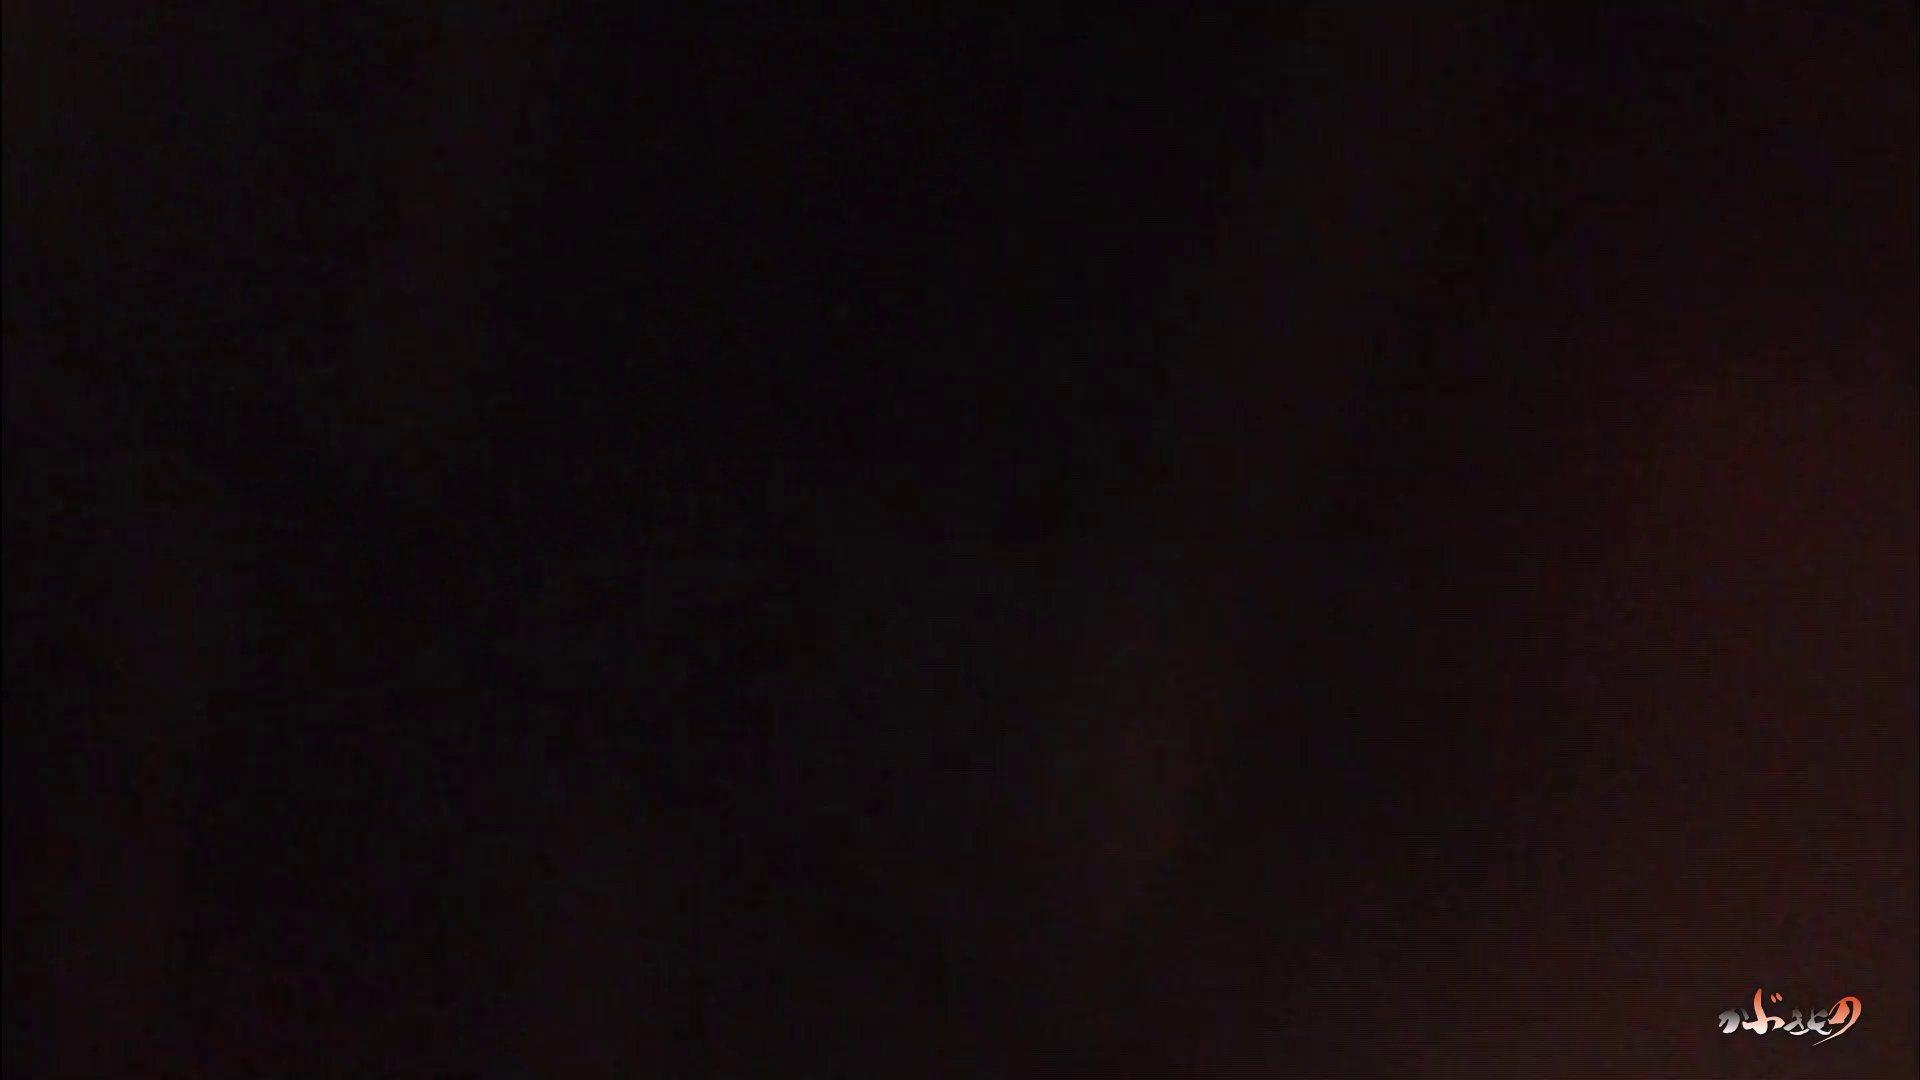 色情狂 「無料」サンプル01 桃色乳首 アダルト動画キャプチャ 110画像 26